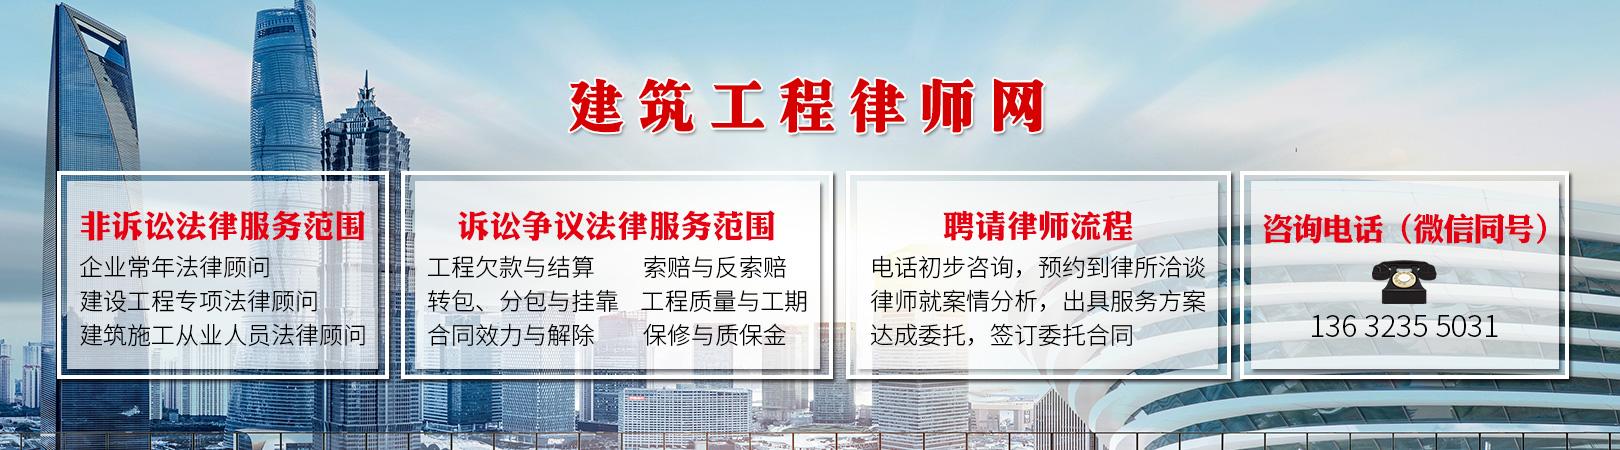 广州房地产合作开发合同律师